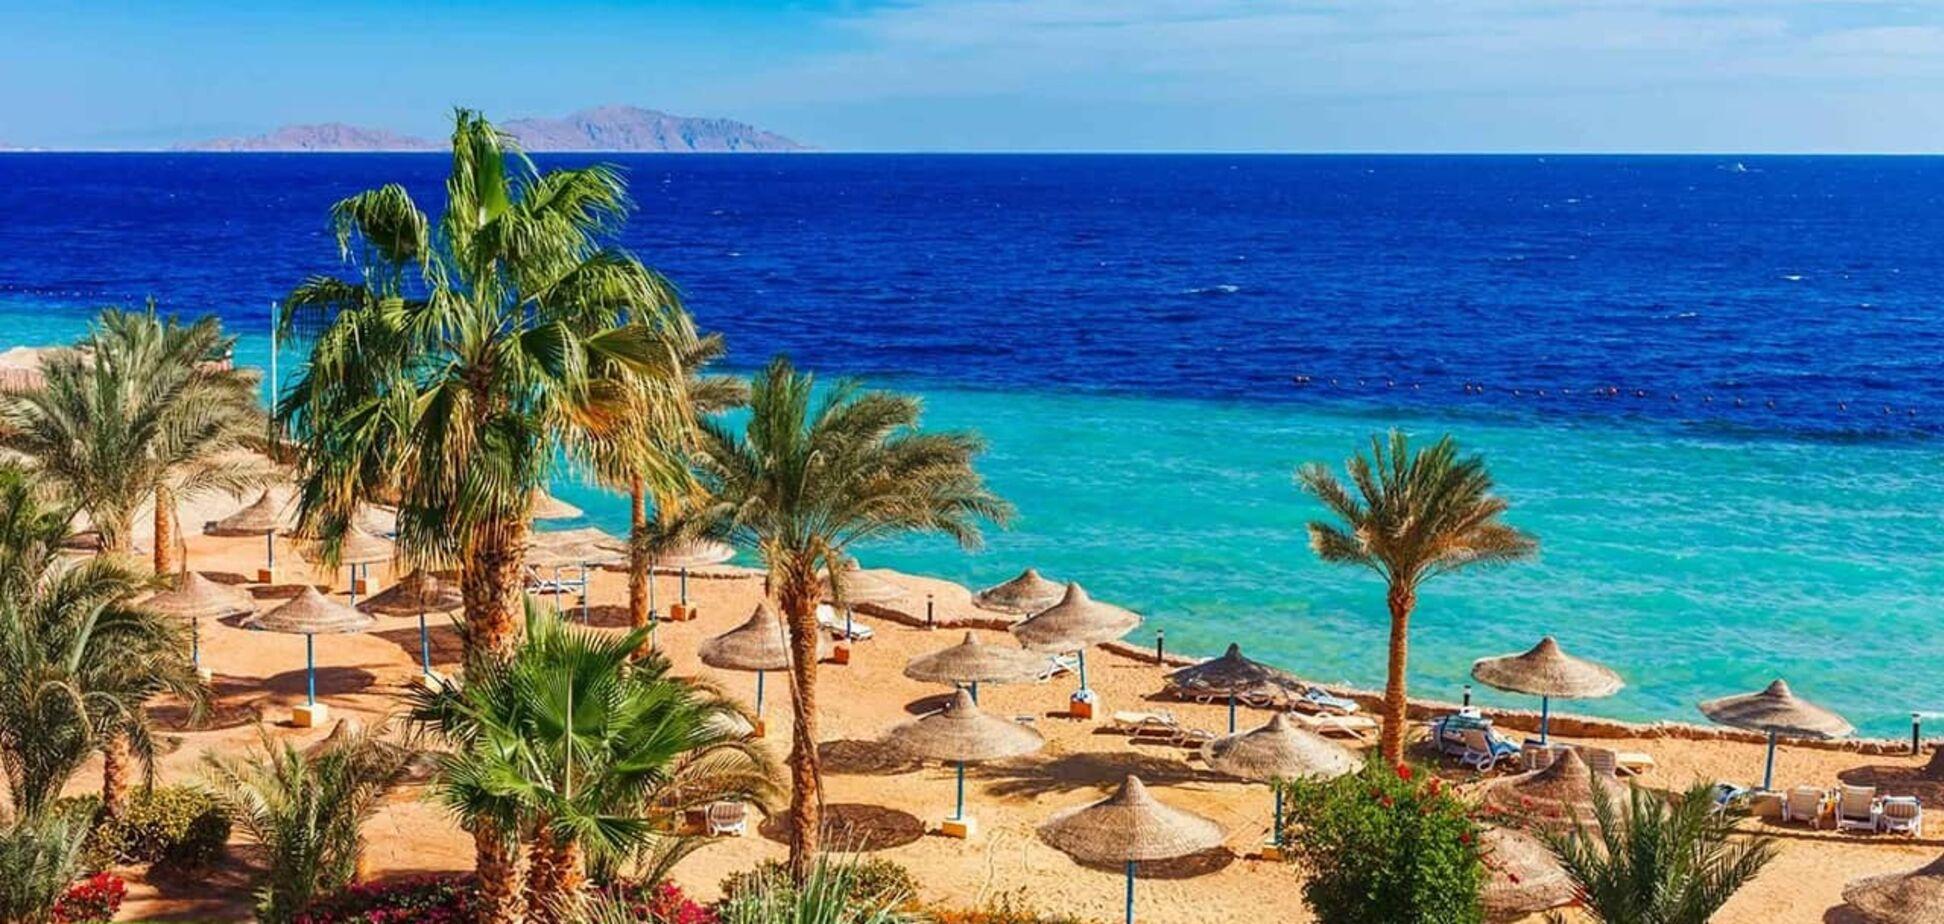 Українка назвала найкрасивіші та незвичайні місця в Єгипті